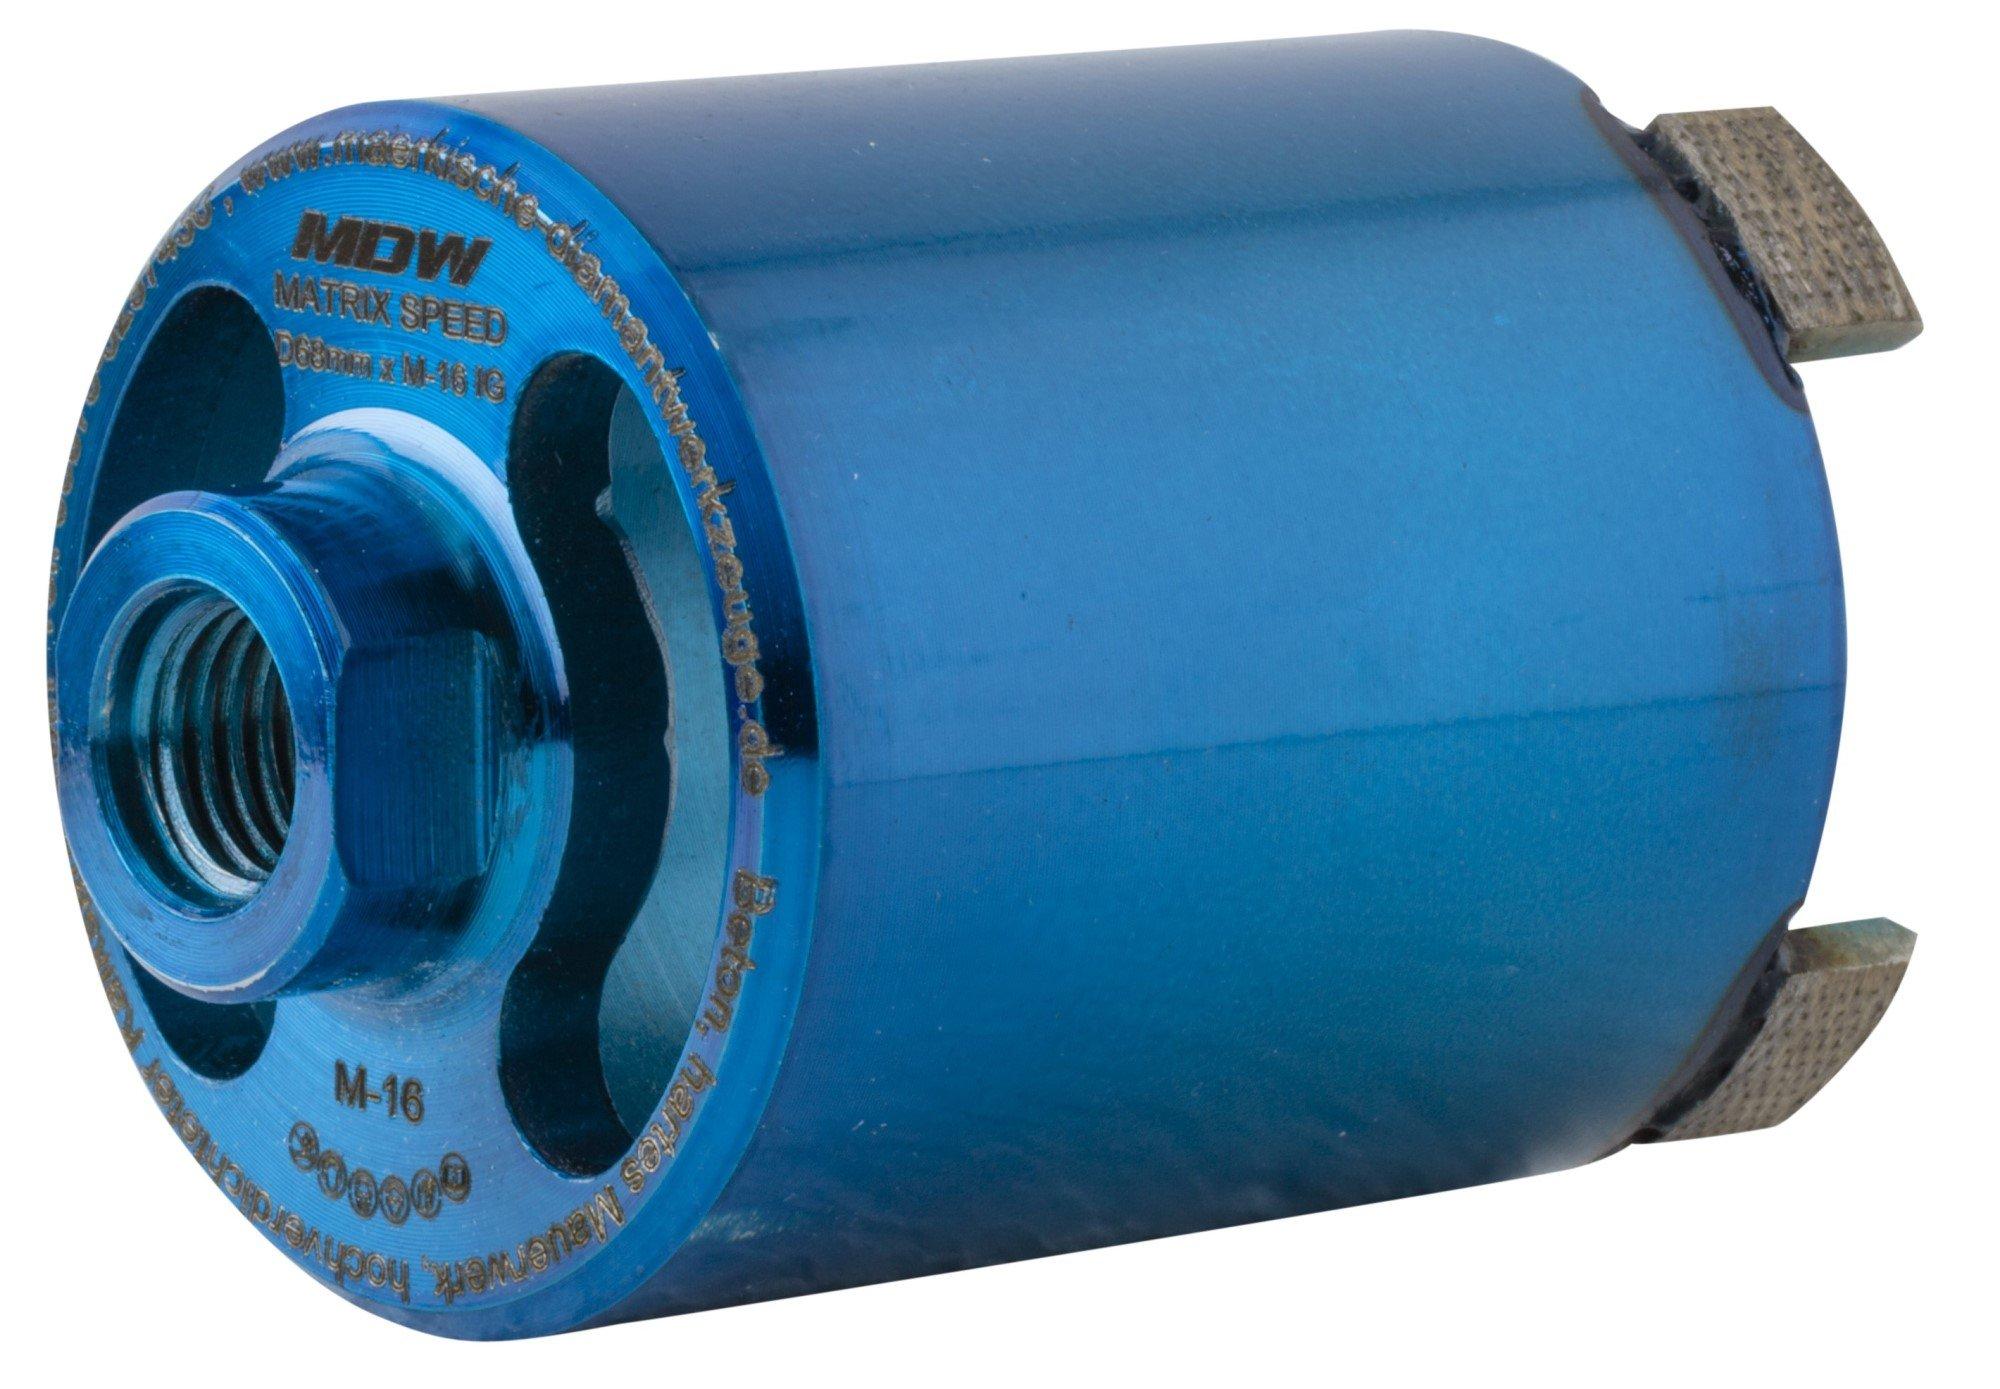 Eibenstock-Diamant-Trocken-Kernbohrmaschine-EHD-1500-inklusive-Staubabsaugung-und-Diamant-Dosensenker-Matrix-Speed